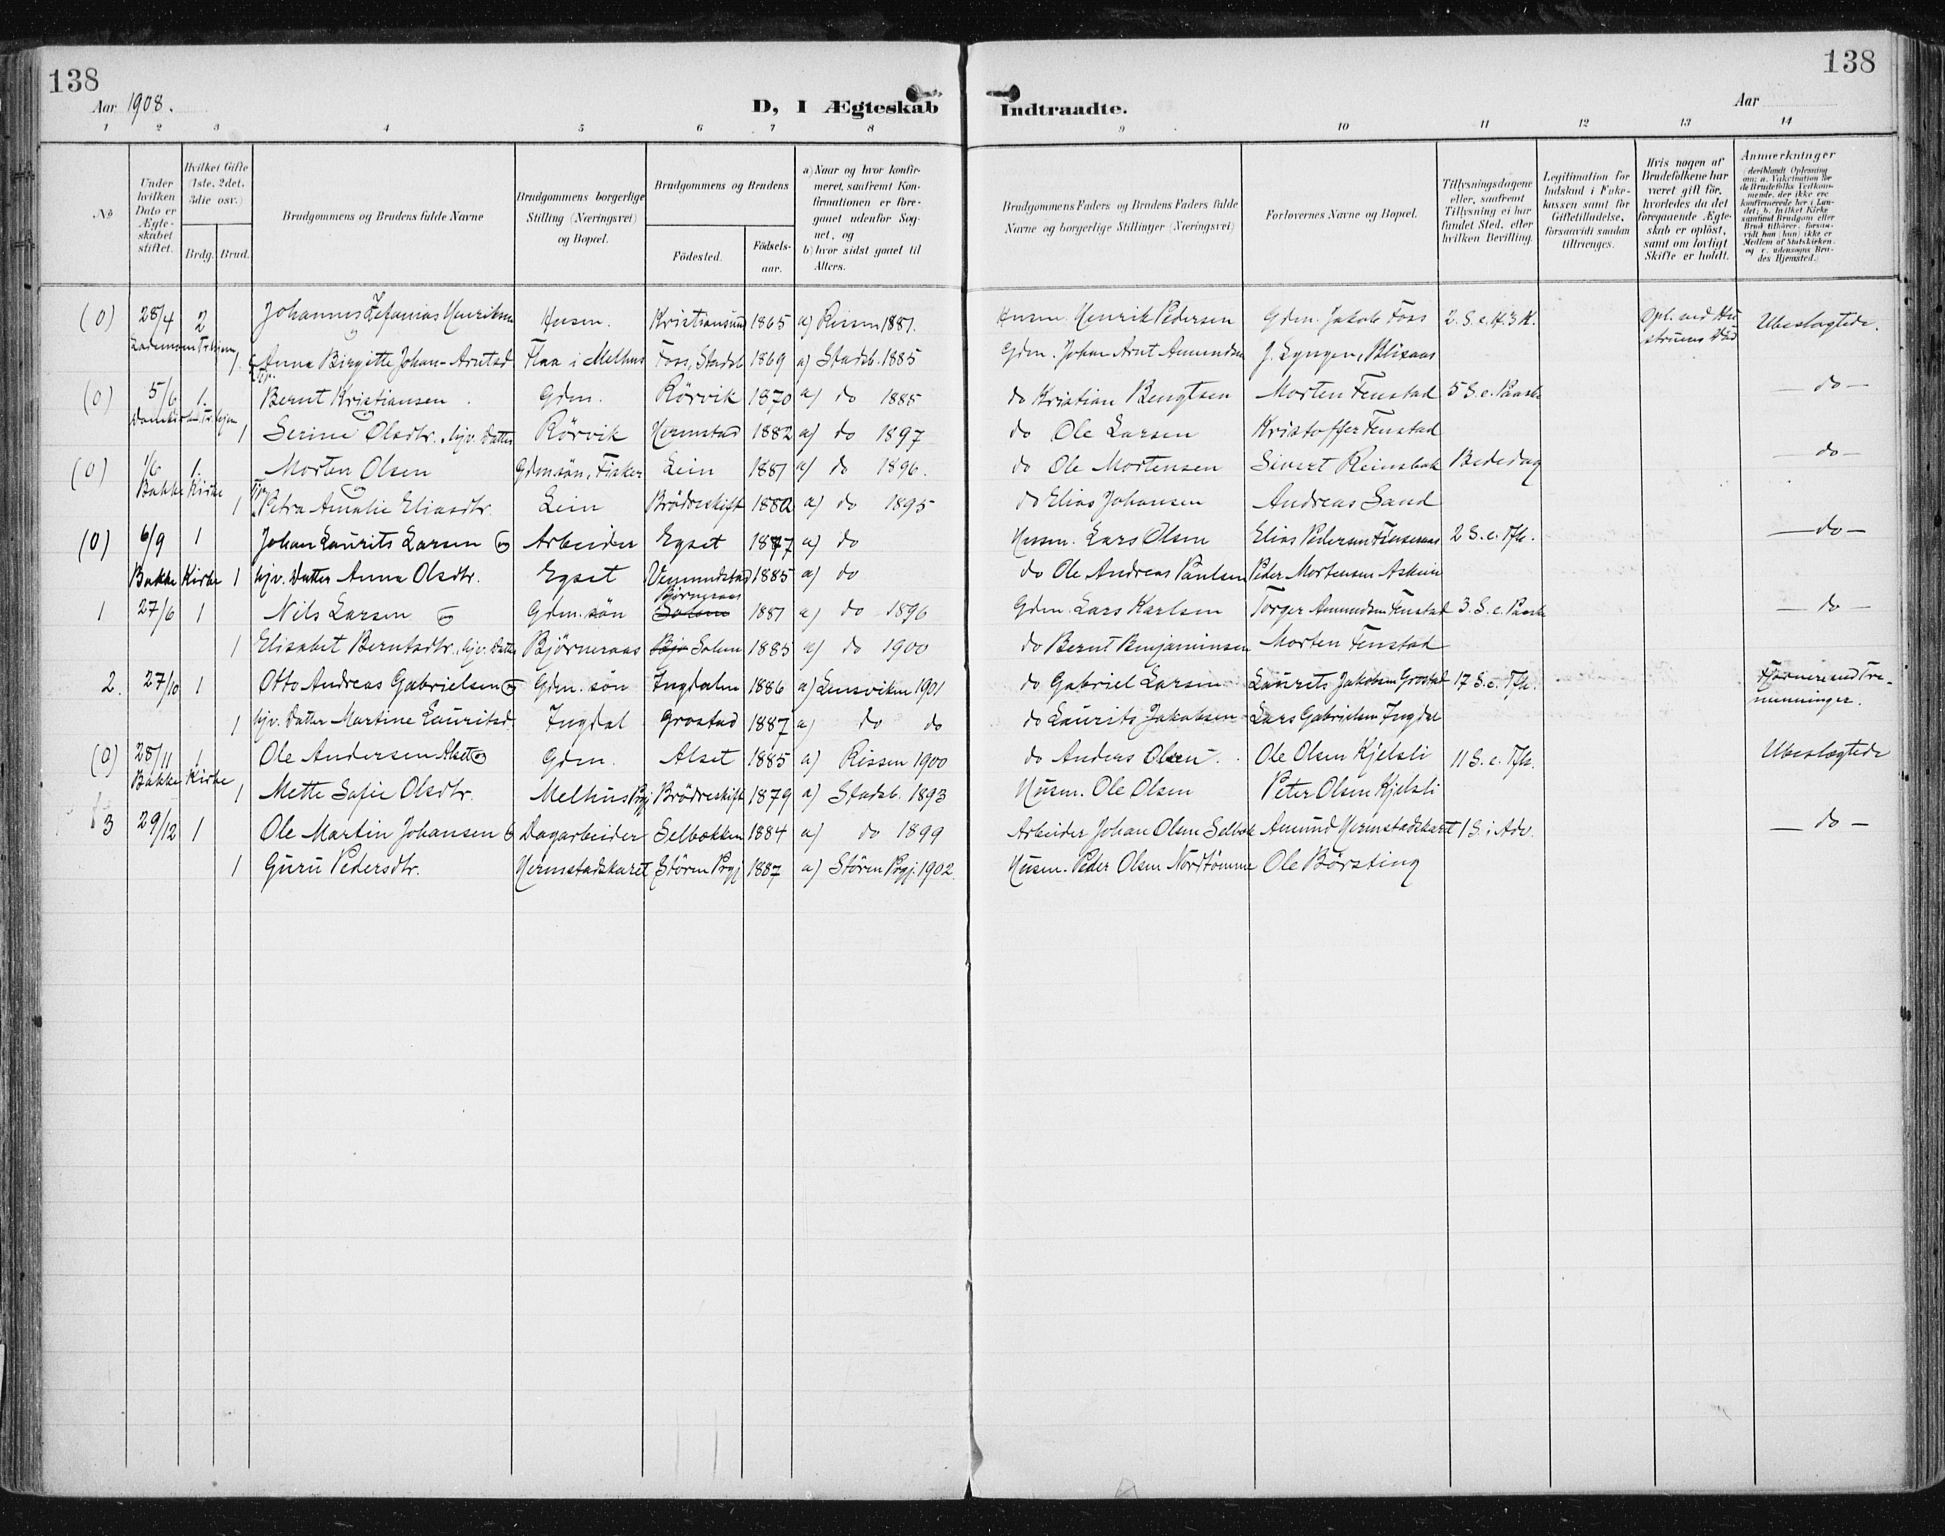 SAT, Ministerialprotokoller, klokkerbøker og fødselsregistre - Sør-Trøndelag, 646/L0616: Ministerialbok nr. 646A14, 1900-1918, s. 138